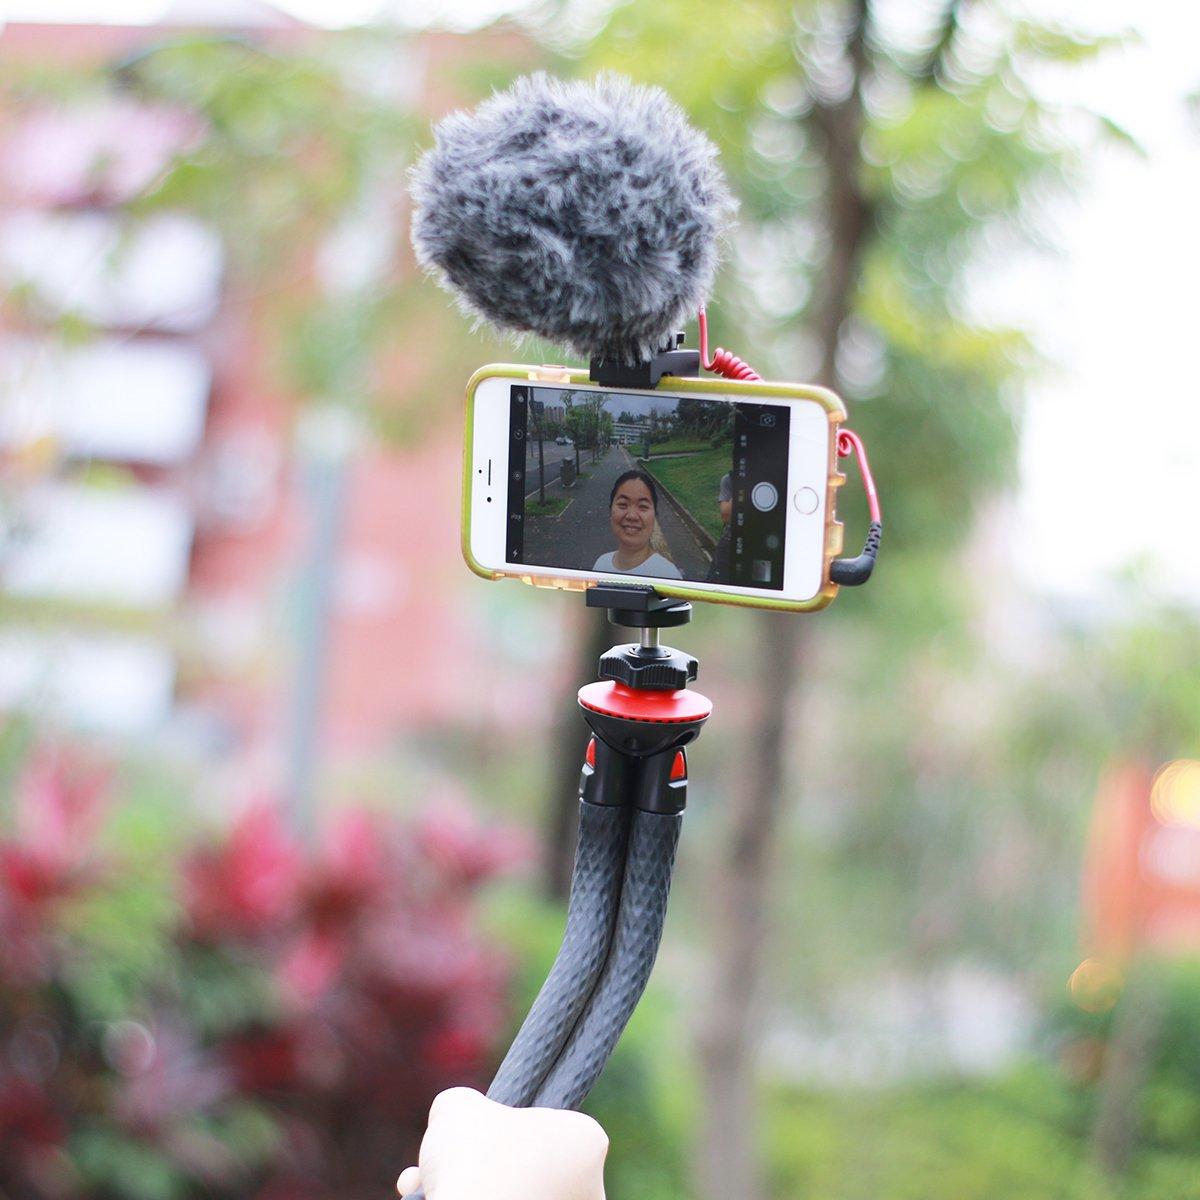 Ulanzi ll065 Metal Phone Tripod Mount with Hot Shoe Mount Iron Man 2 Pro Smartphone Holder Video Rig Tripod Mount Adapter by Ulanzi (Image #7)